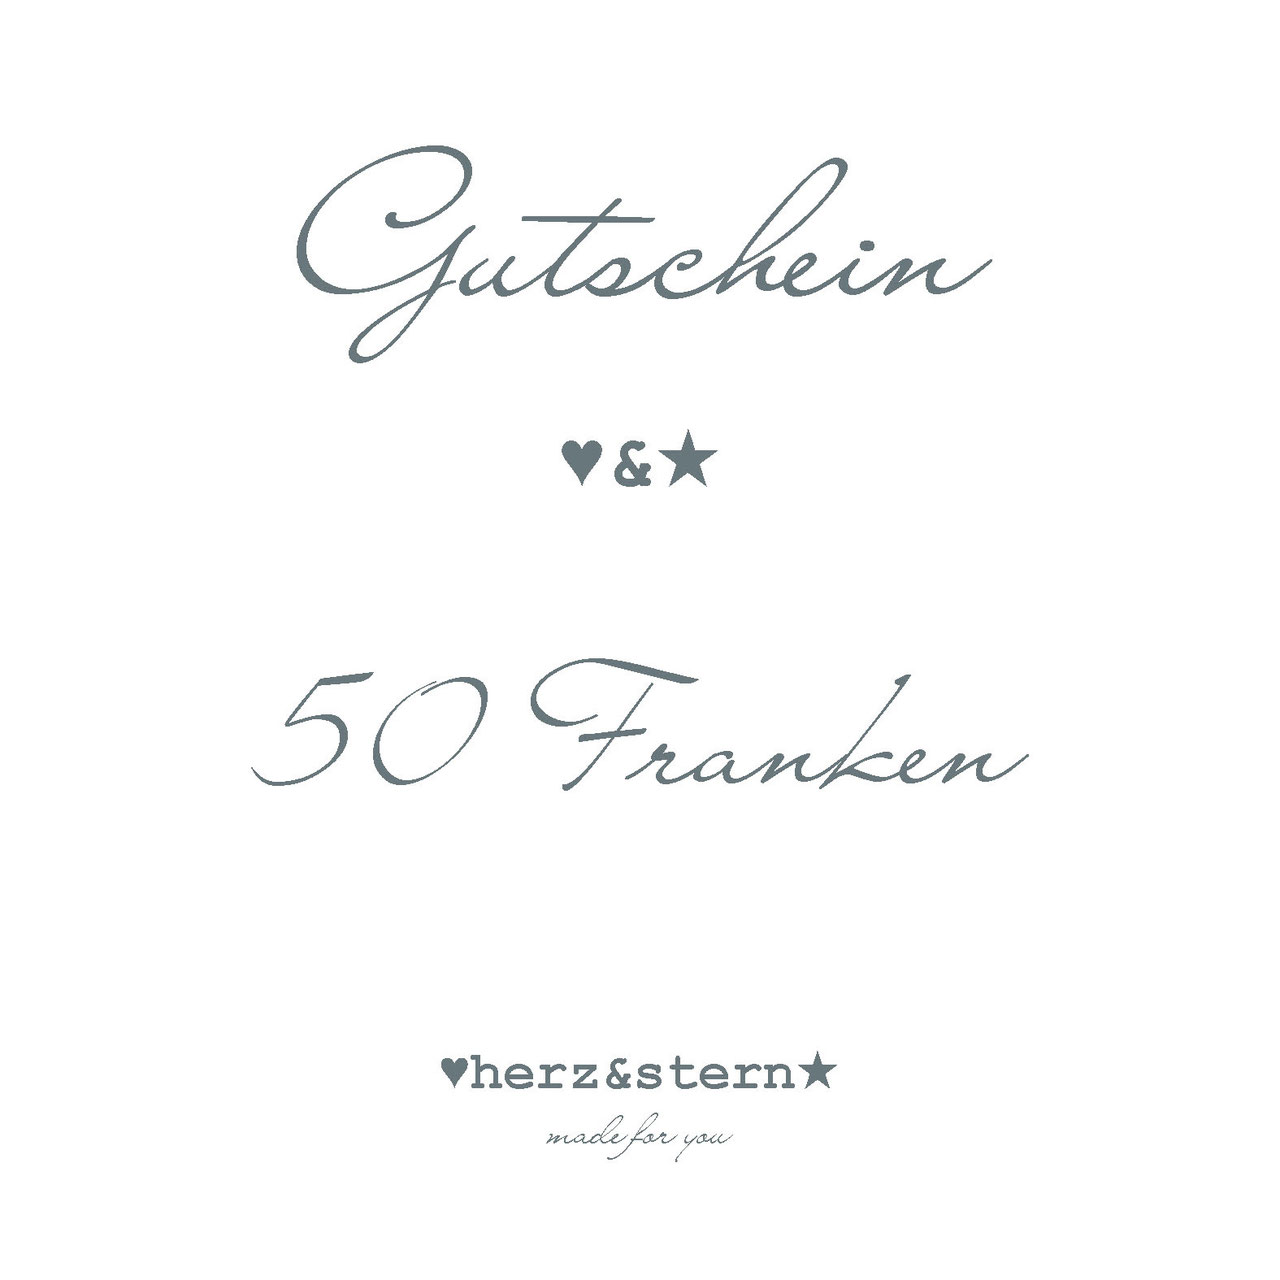 gutschein * gift card - herz&stern - Personalisierter Schmuck ...